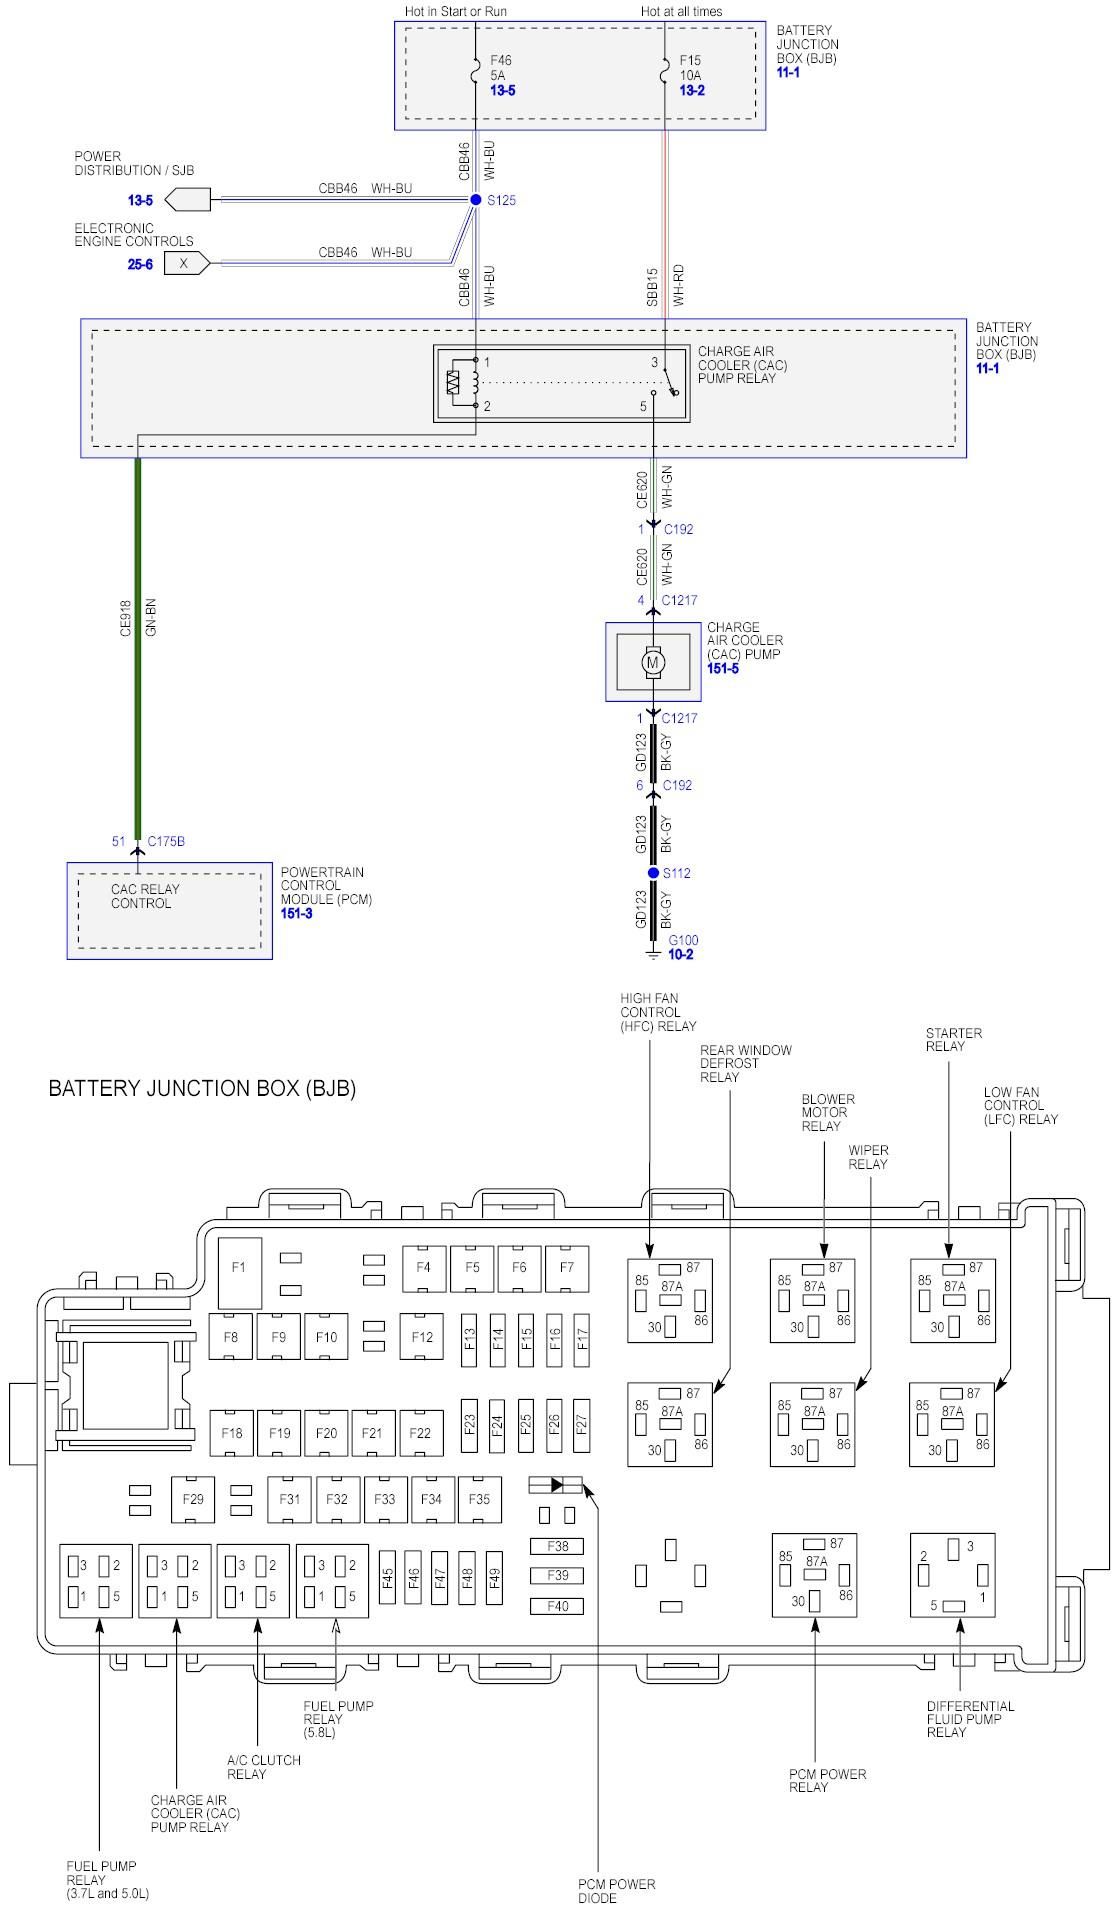 Cooler Pump Wiring Diagram - Wiring Schematics on